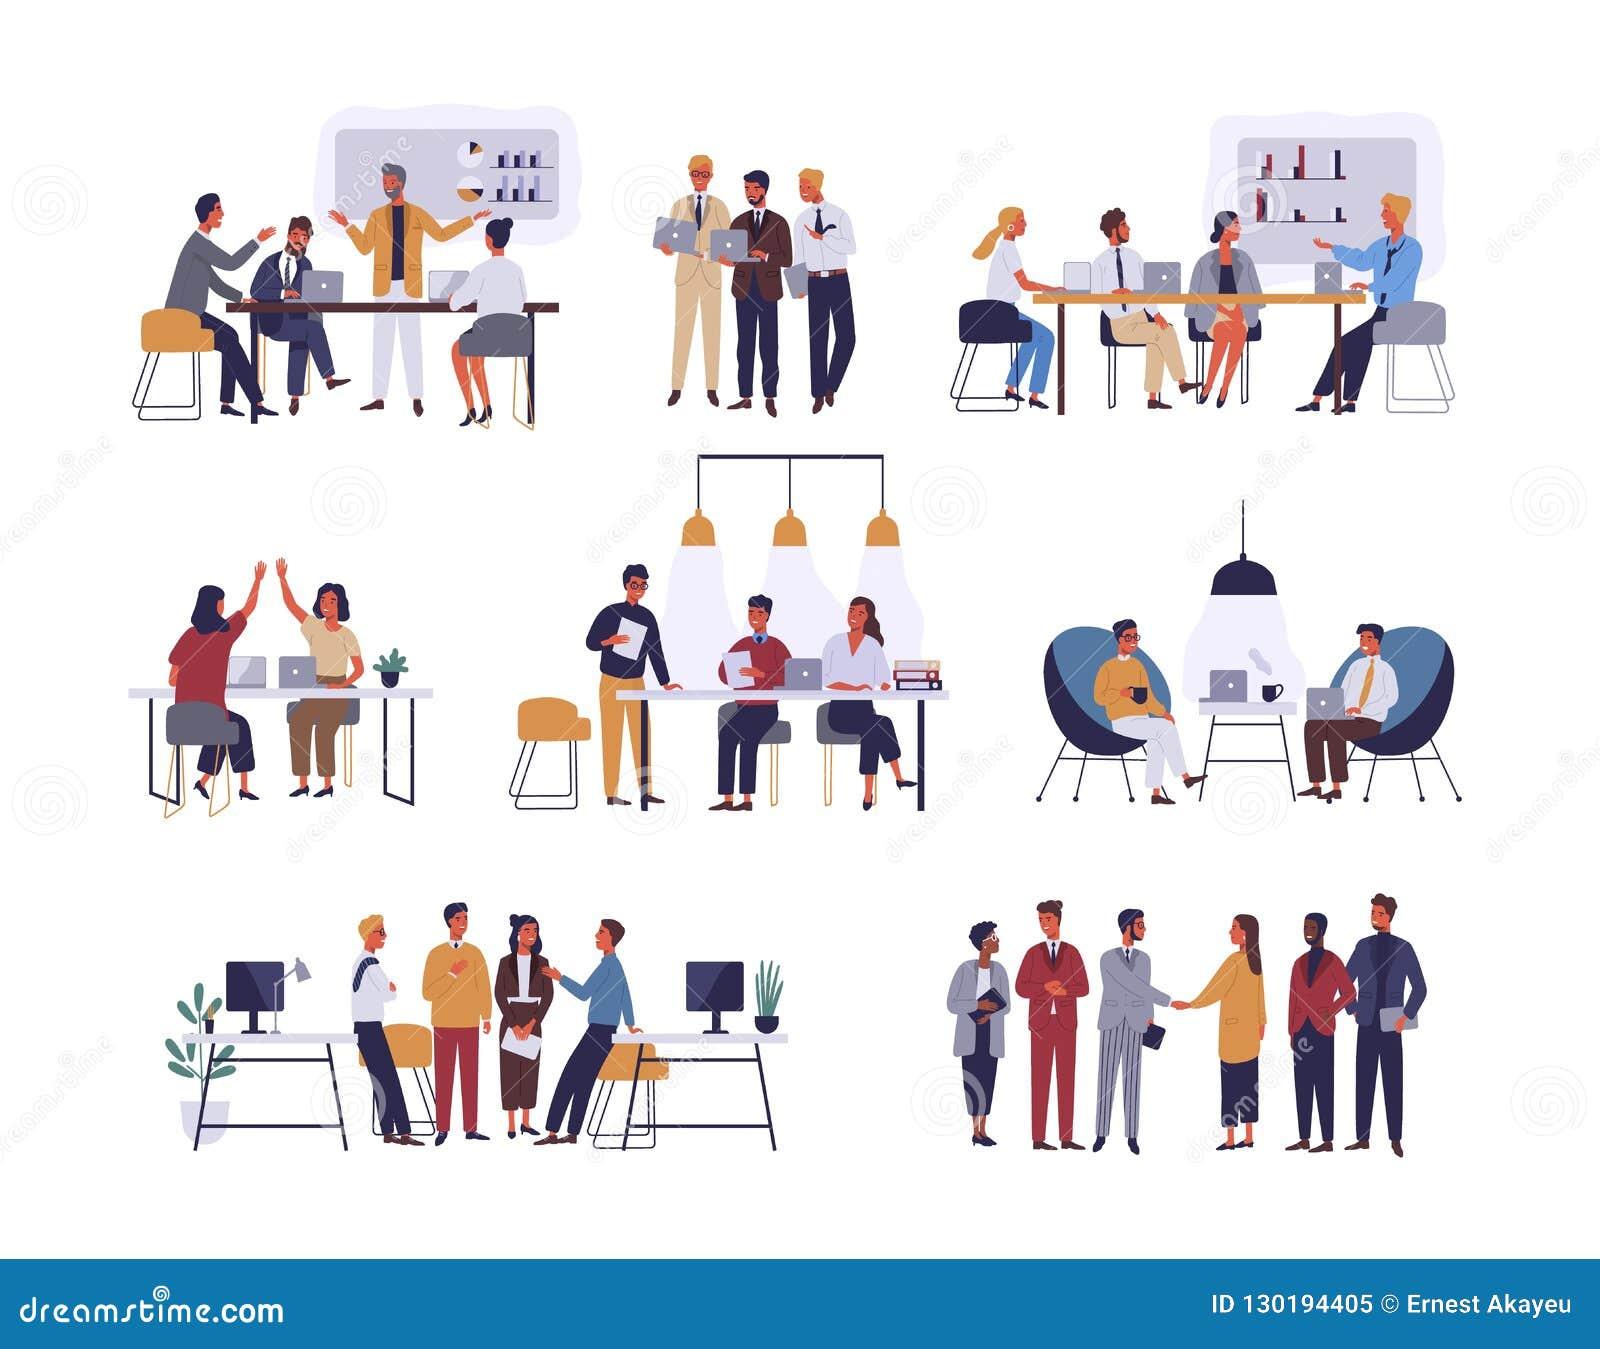 Sammlung Szenen im Büro Bündel Männer und Frauen, die am Geschäftstreffen, Verhandlung, Brainstorming teilnehmen